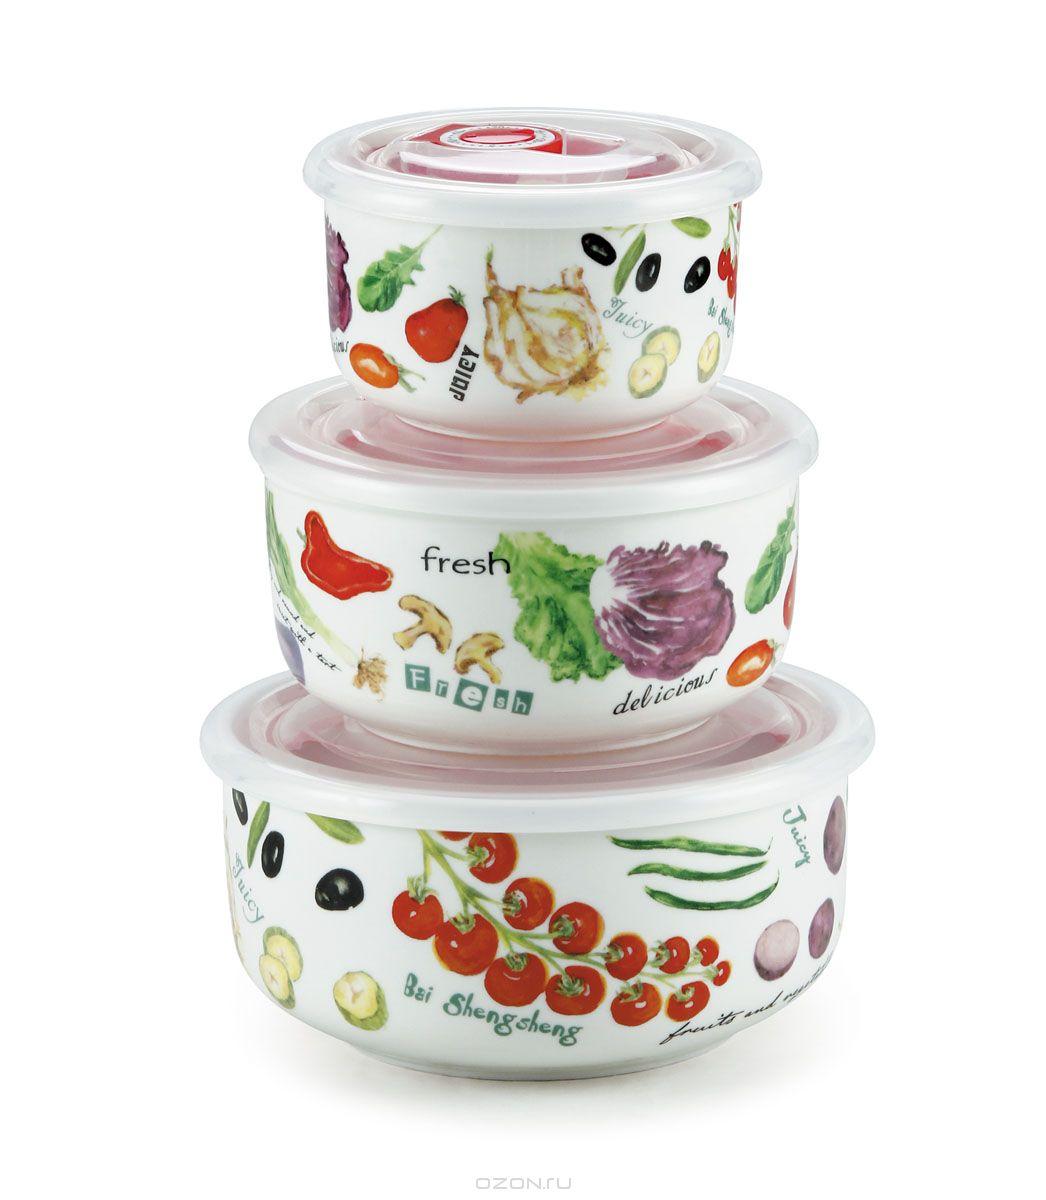 Набор контейнеров Bekker Овощи, 3 штBK-5116_овощиНабор Bekker Овощи состоит из трех круглых контейнеров, выполненных из высококачественного фарфора. Внешние стенки изделий декорированы красочным изображением овощей. Контейнеры снабжены пластиковыми прозрачными крышками, которые имеют силиконовую прослойку и клапан для создания вакуума, это позволяет дольше хранить продукты. Такой набор подходит для домашнего использования, контейнеры также удобно брать с собой на учебу или работу. Подходят для приготовления блюд в микроволновой печи и духовом шкафу (без крышки) при нагревании до +130°С и для замораживания (с крышкой) при температуре -30°С. Подходят для чистки в посудомоечной машине. Диаметр контейнеров: 10 см, 13 см, 15 см. Высота стенок контейнеров: 6 см, 6,5 см, 7 см. Объем контейнеров: 300 мл, 550 мл, 950 мл.